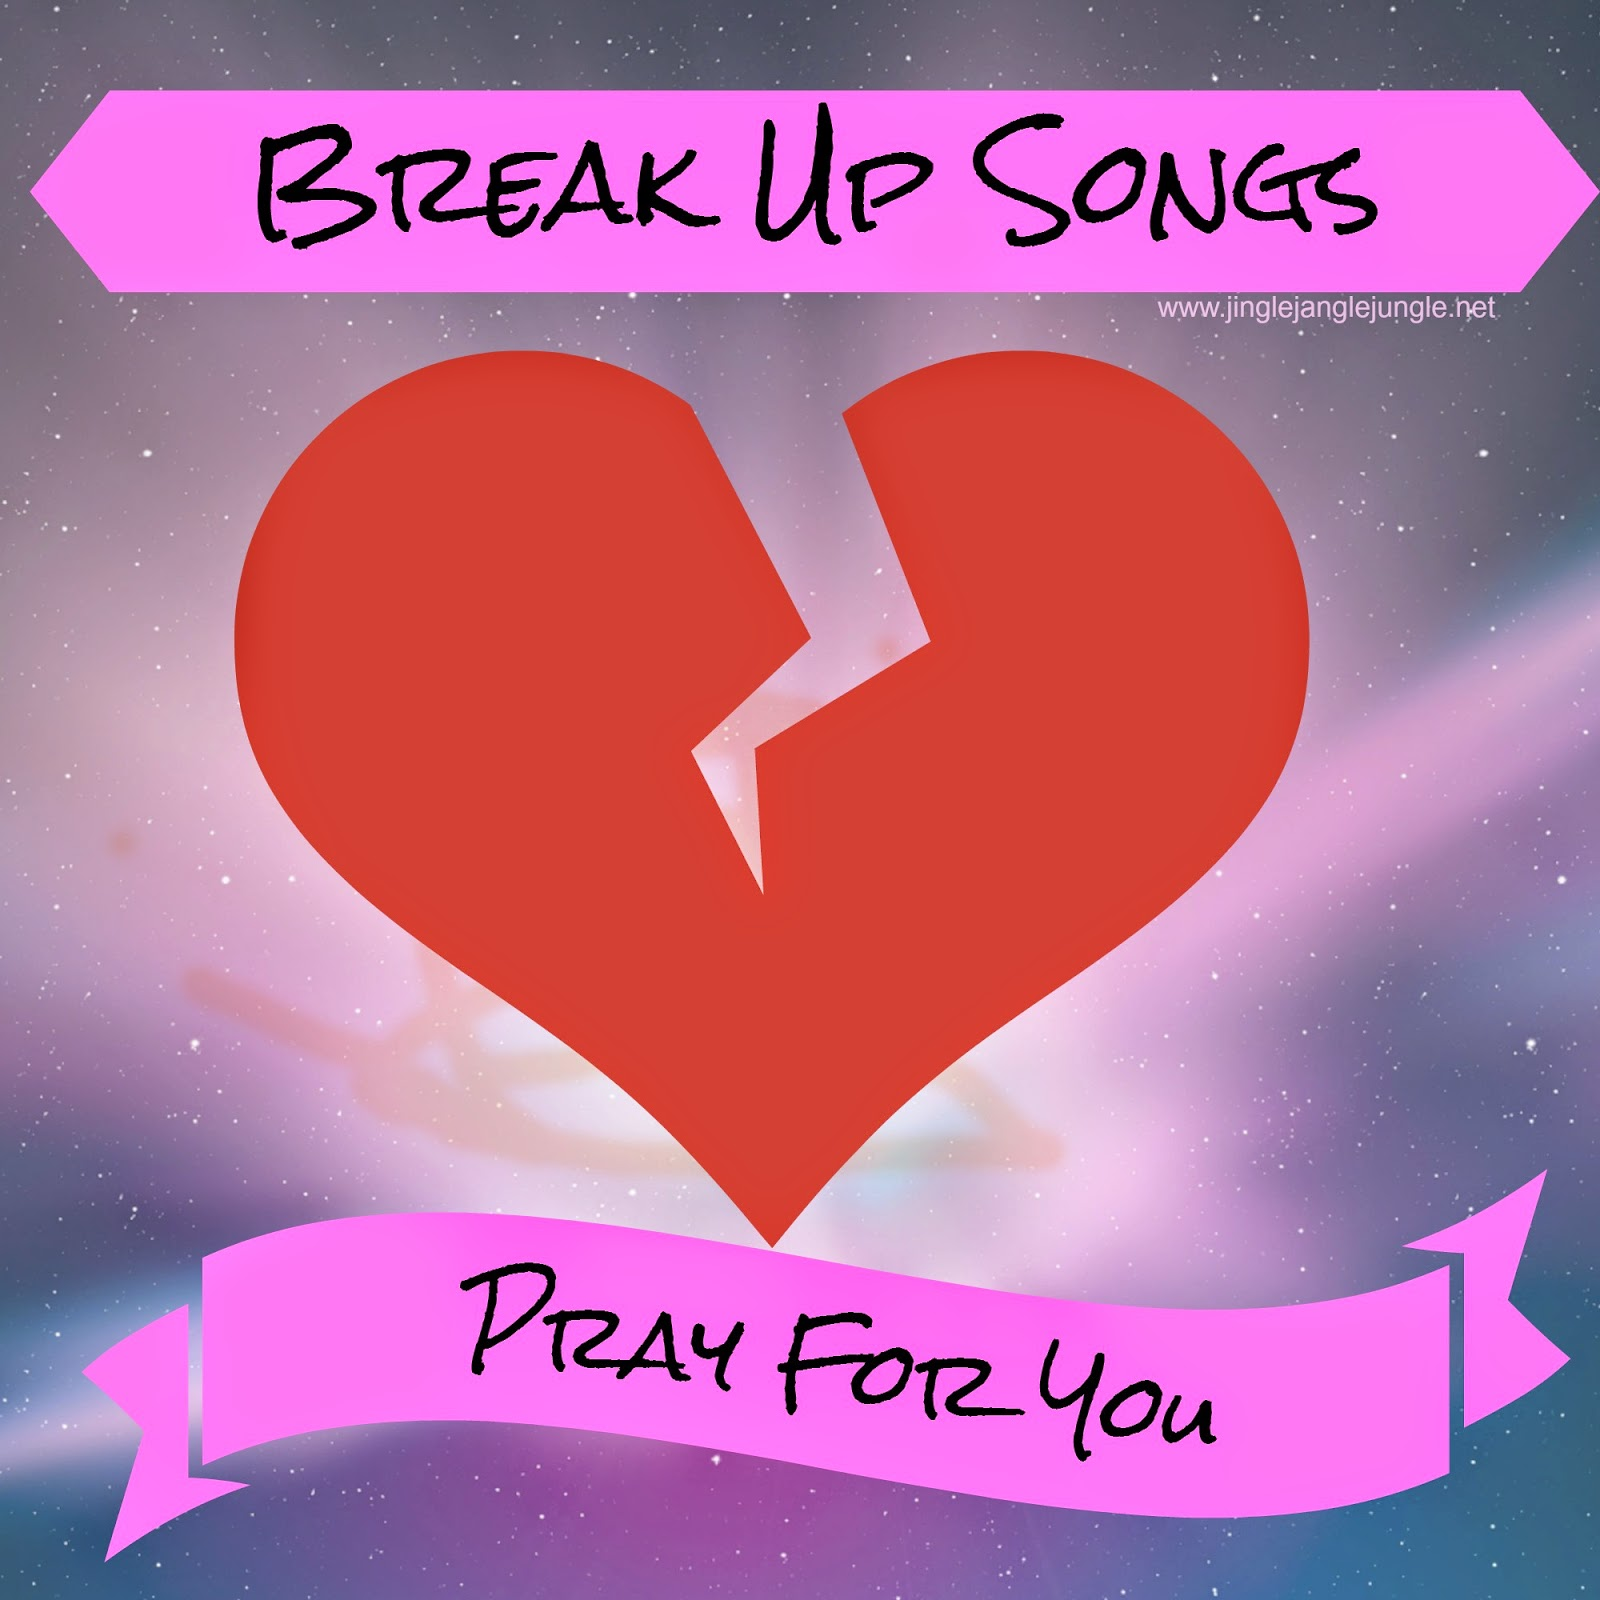 Break Up Songs: Pray For You http://www.jinglejanglejungle.net/2015/02/break-up-pray.html #BreakUpSongs